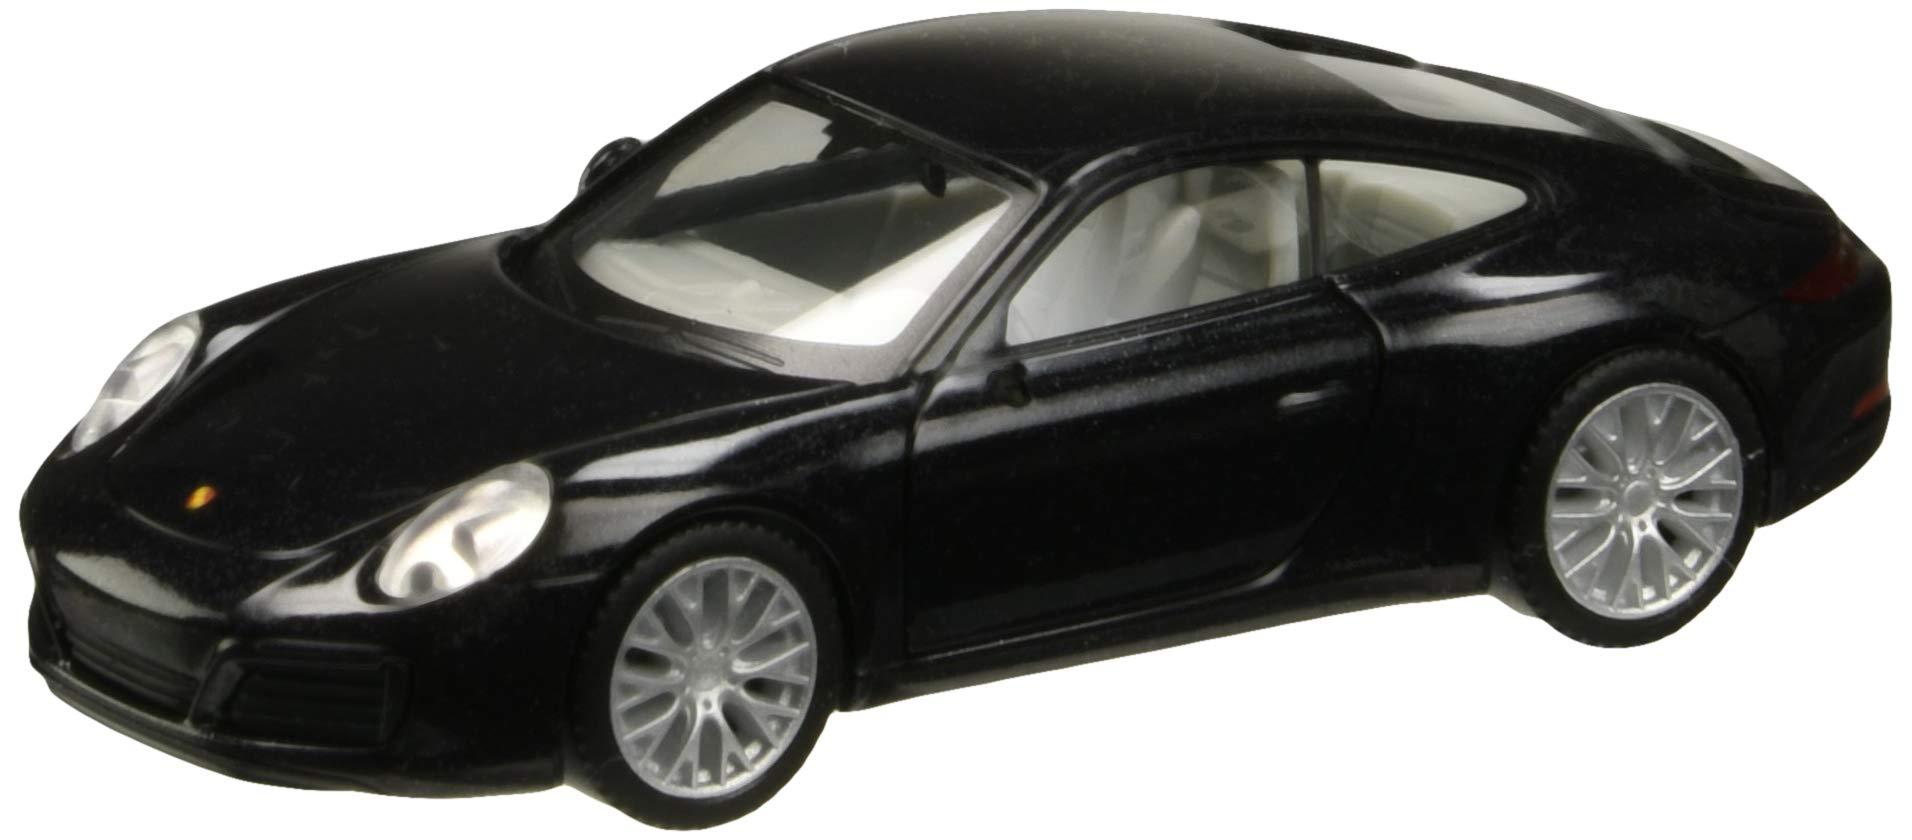 HERPA 038638-002'' Porsche 911 Carrera 4S Model Set, Metallic Deep Black